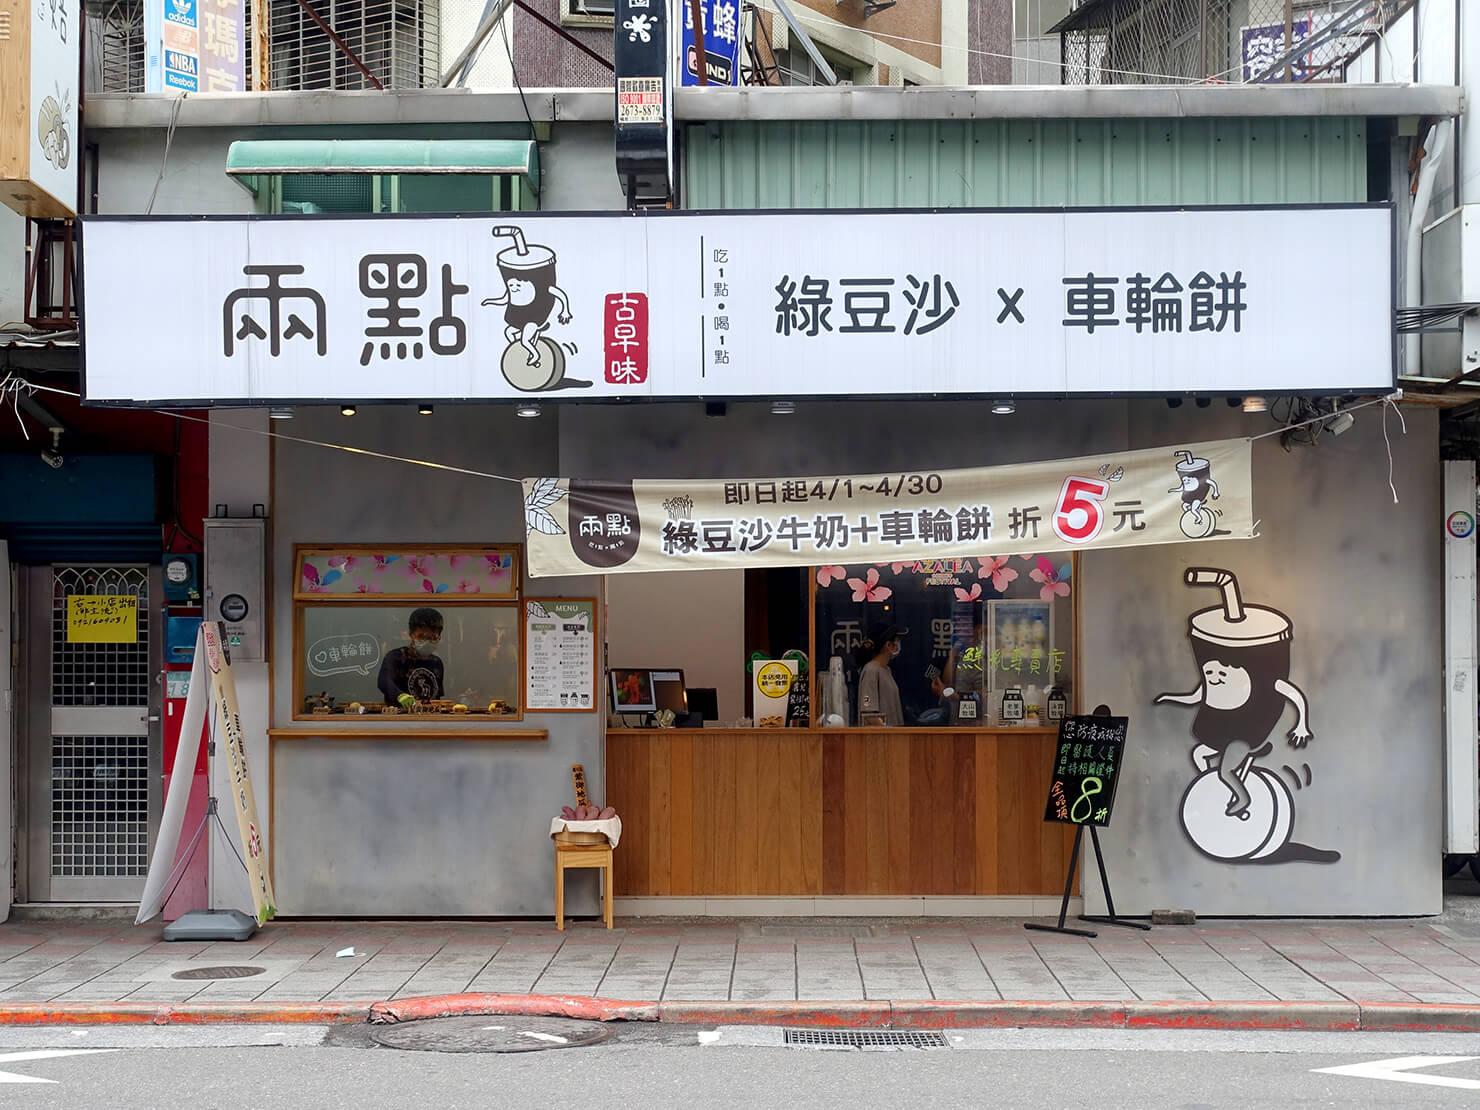 台北・公館夜市のおすすめグルメ店「兩點」の外観